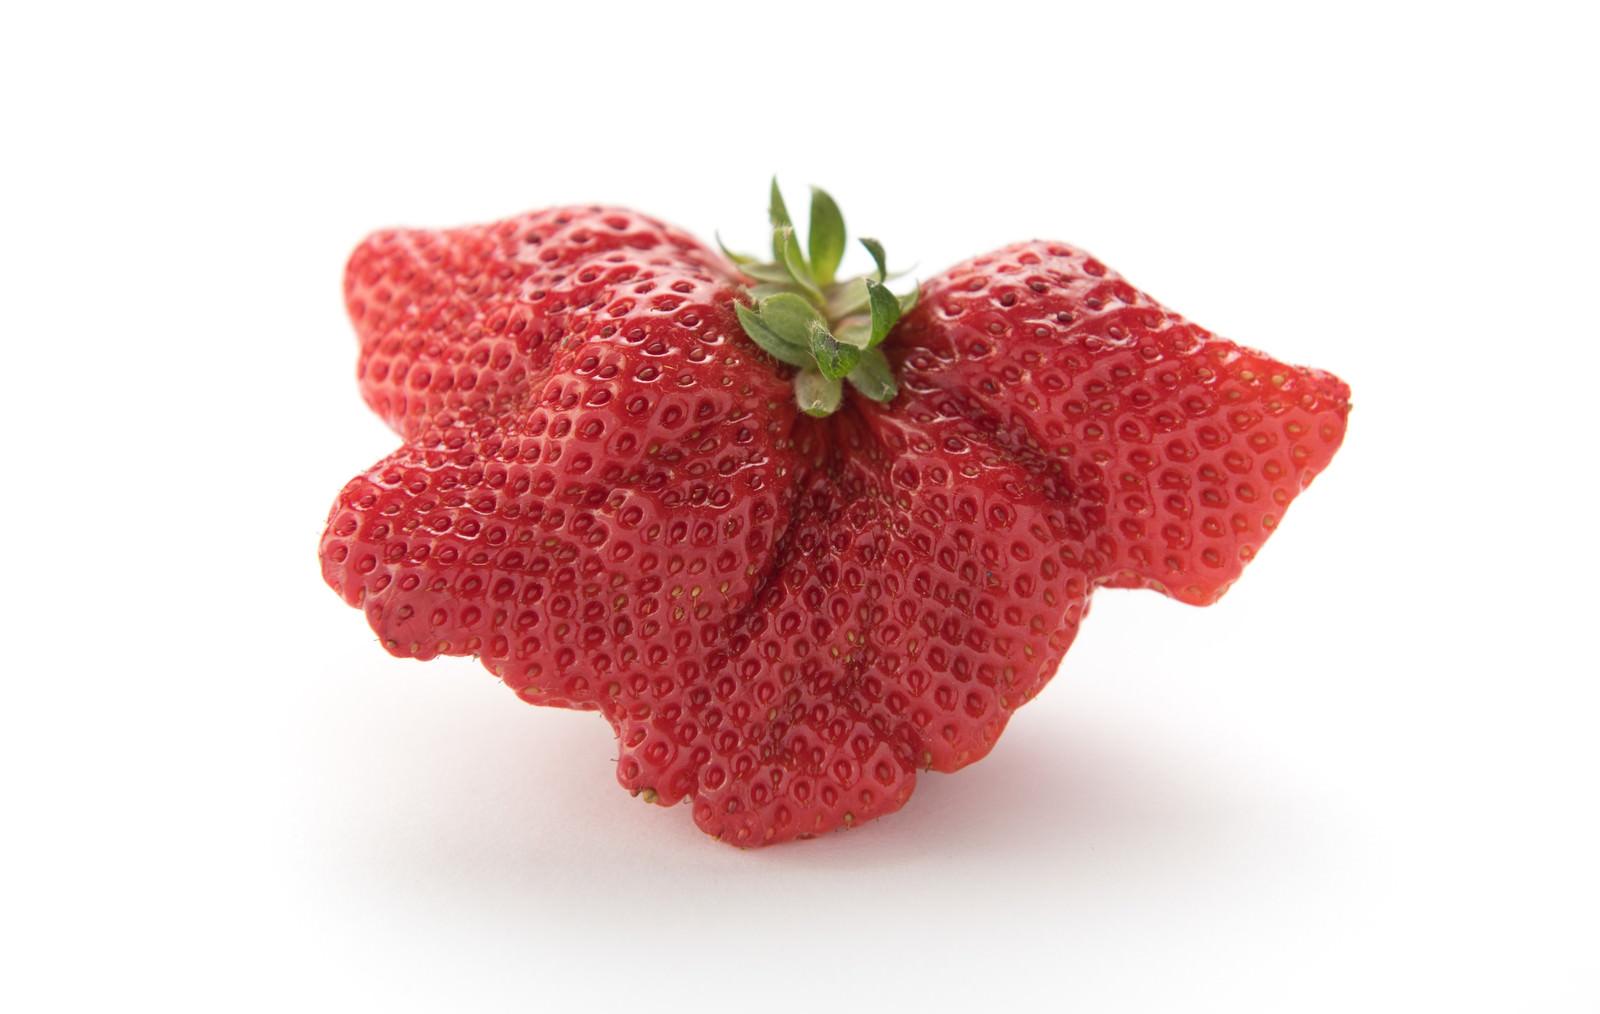 「乱形果した苺」の写真